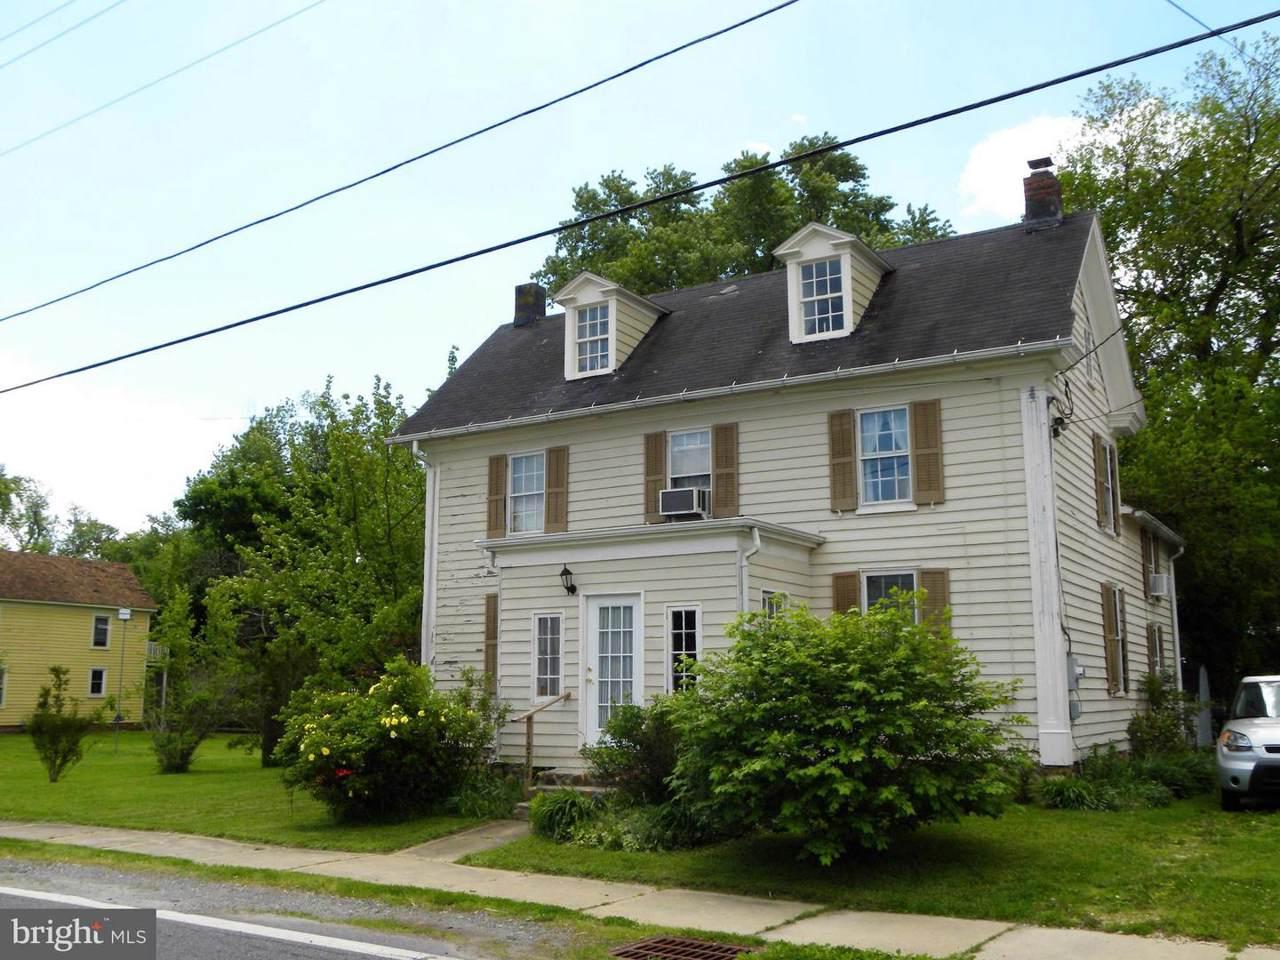 12768 Still Pond Road - Photo 1